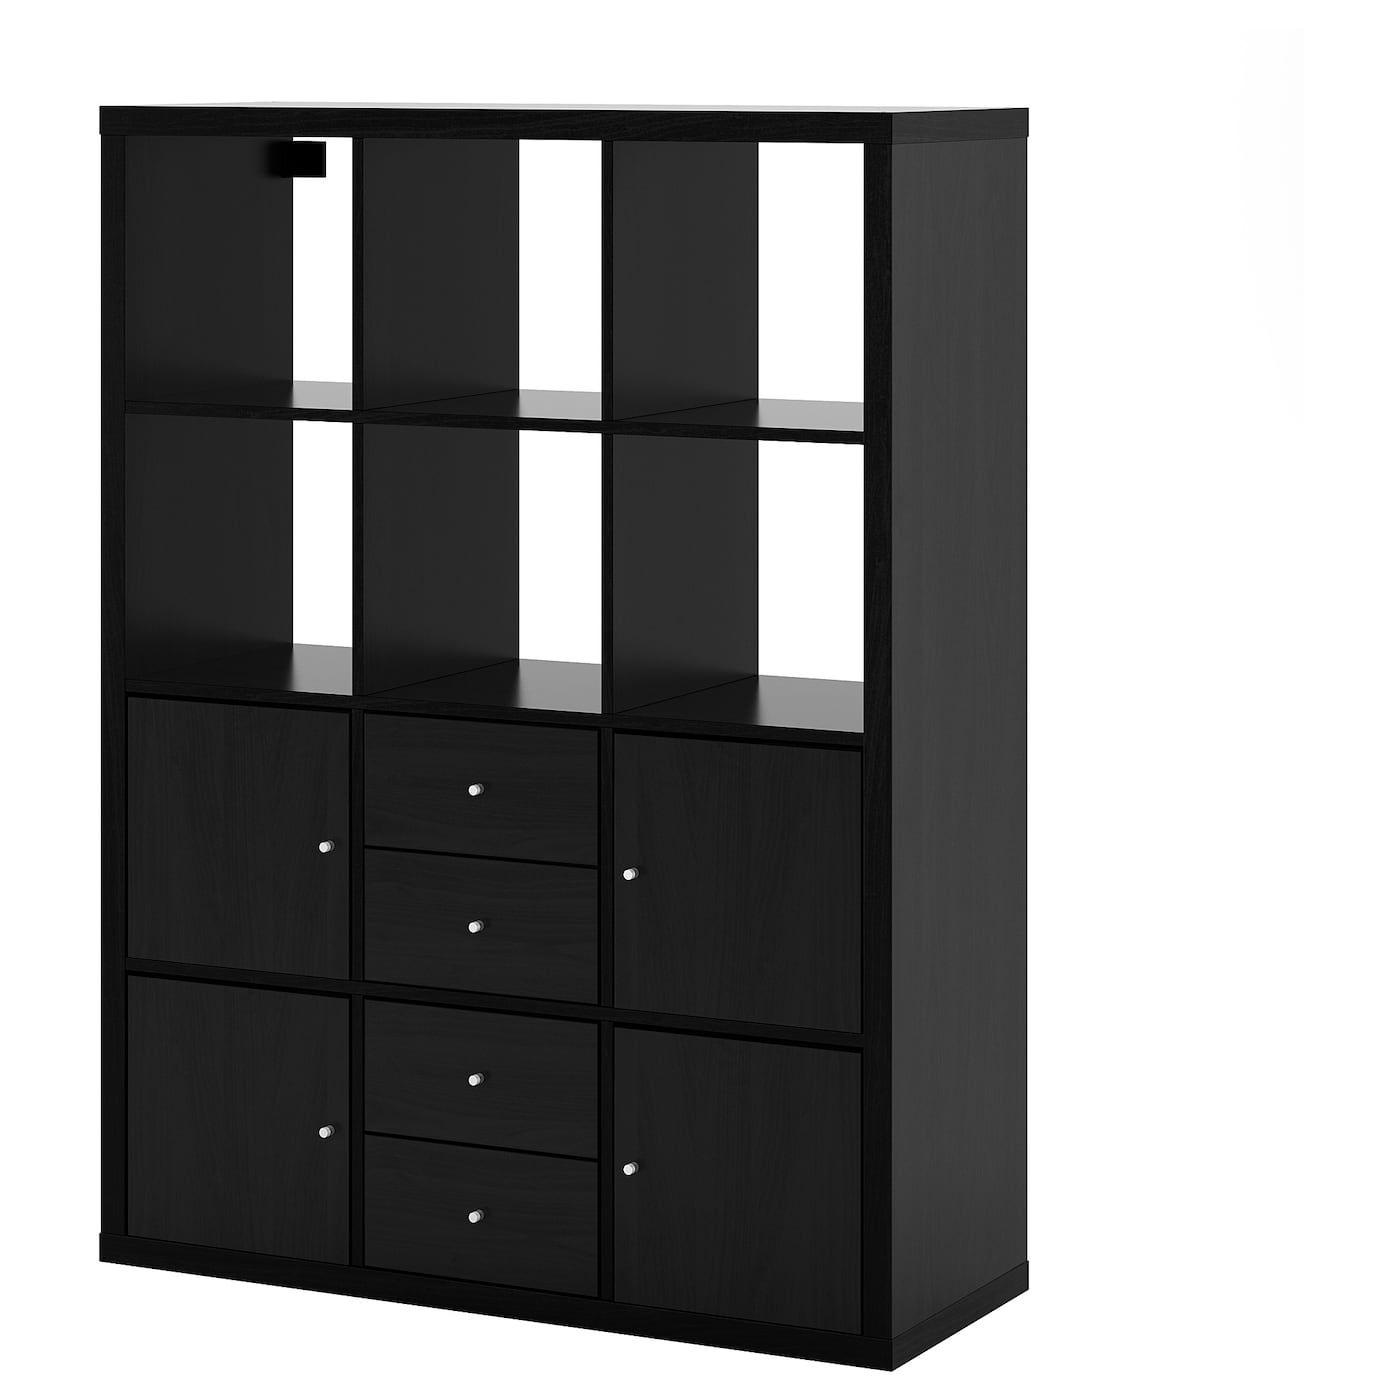 Ikea Kallax Black Brown Shelving Unit With 6 Inserts Kallax